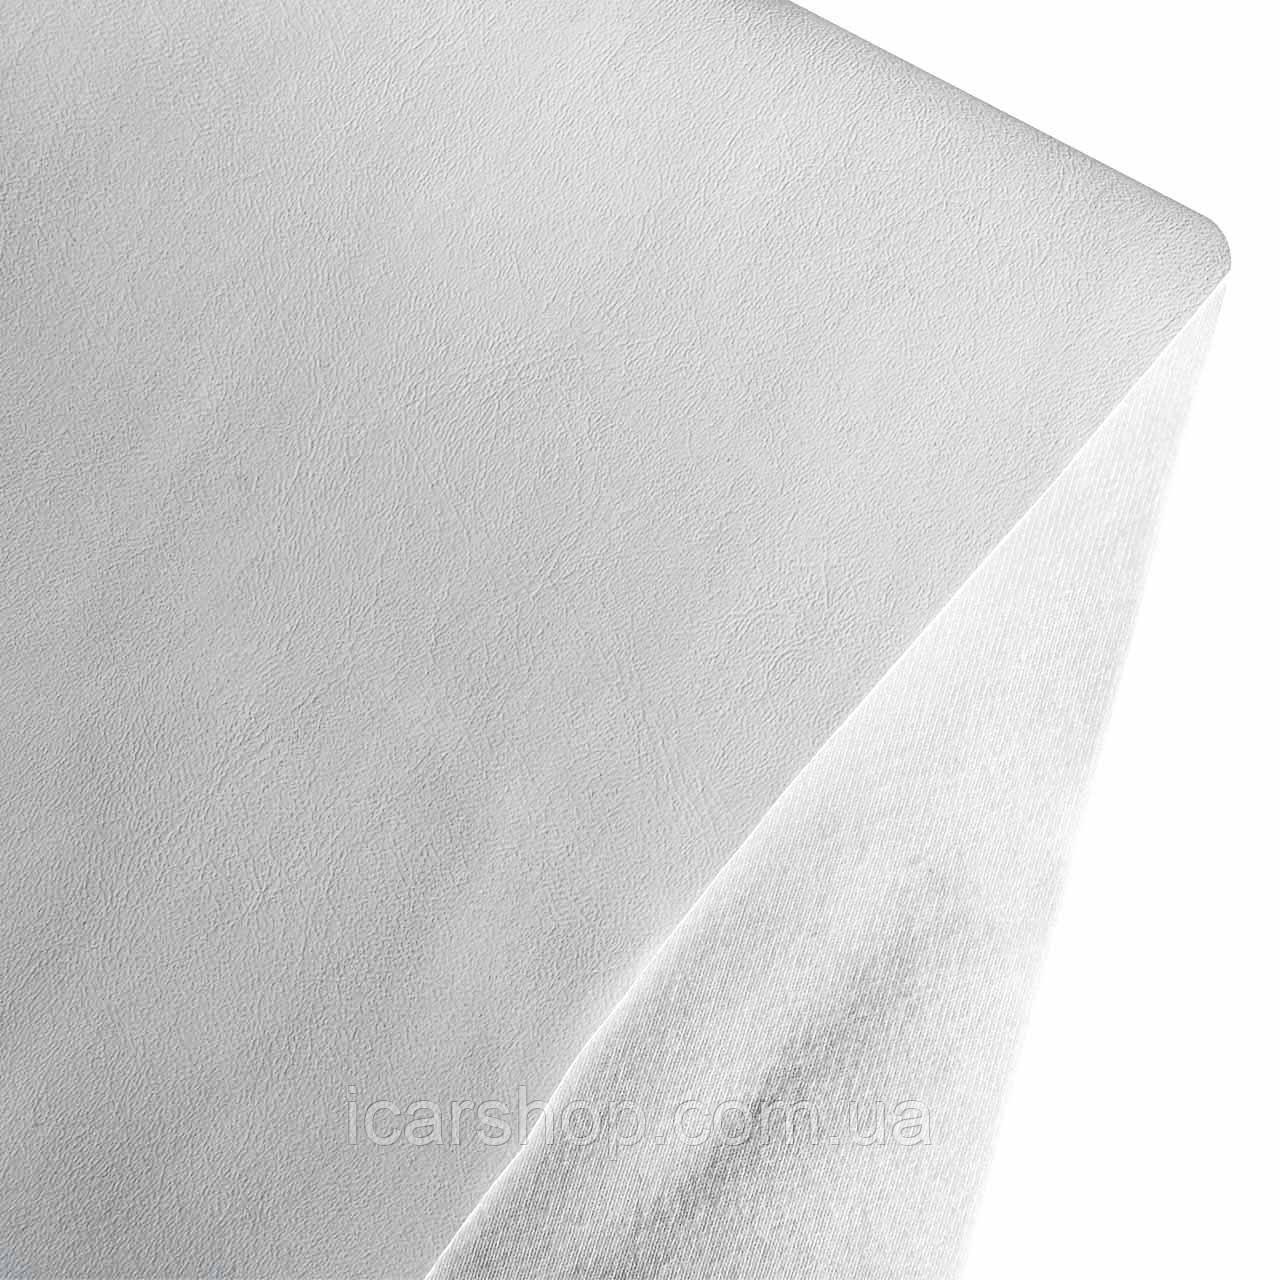 Кожзаменитель белый (1,45 м)